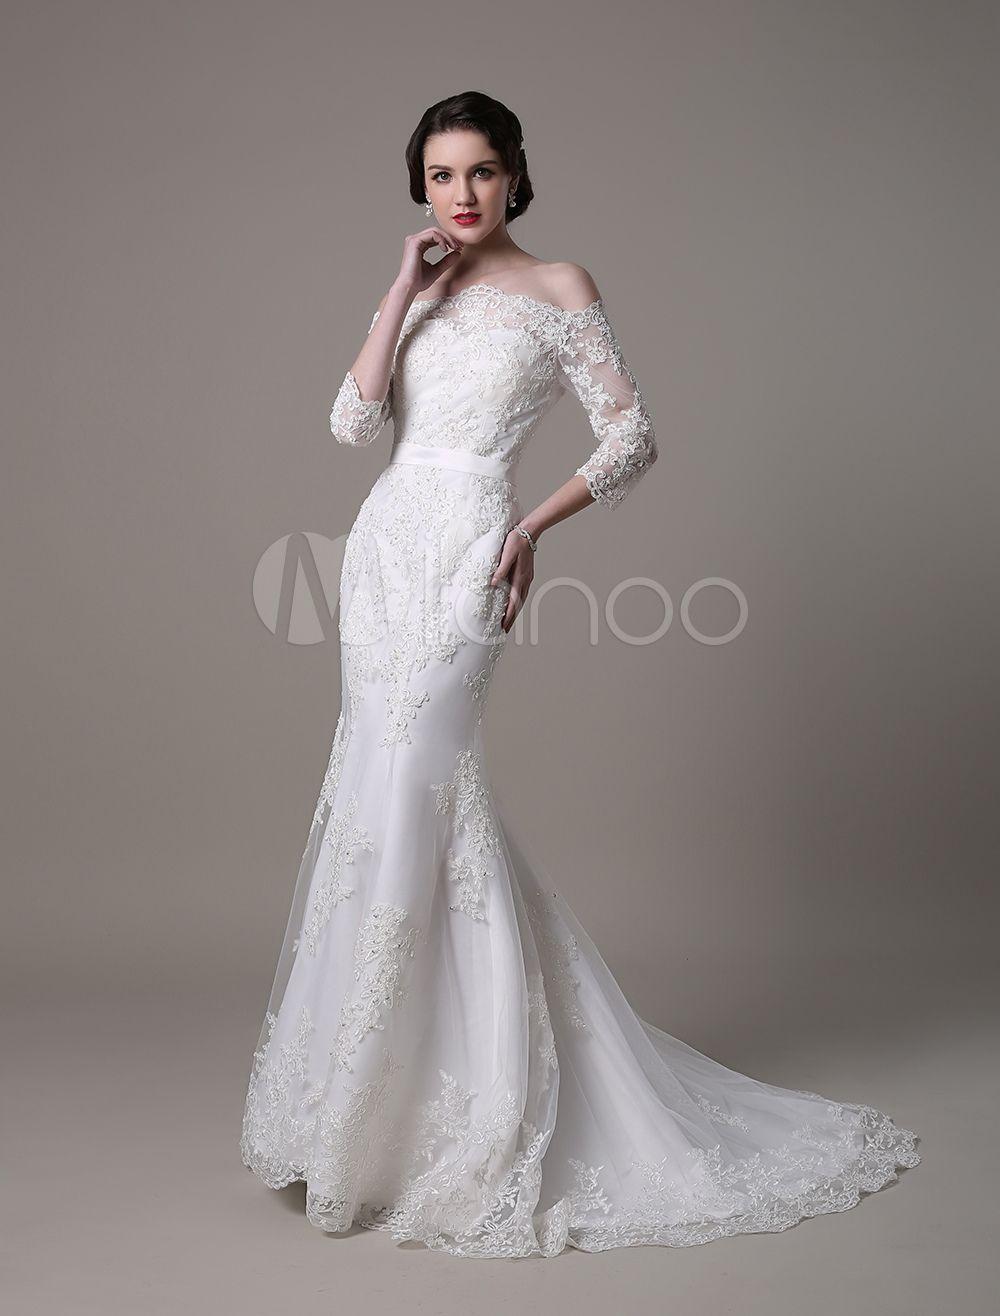 Fantastisches Meerjungfrau Brautkleid aus Spitze mit ...